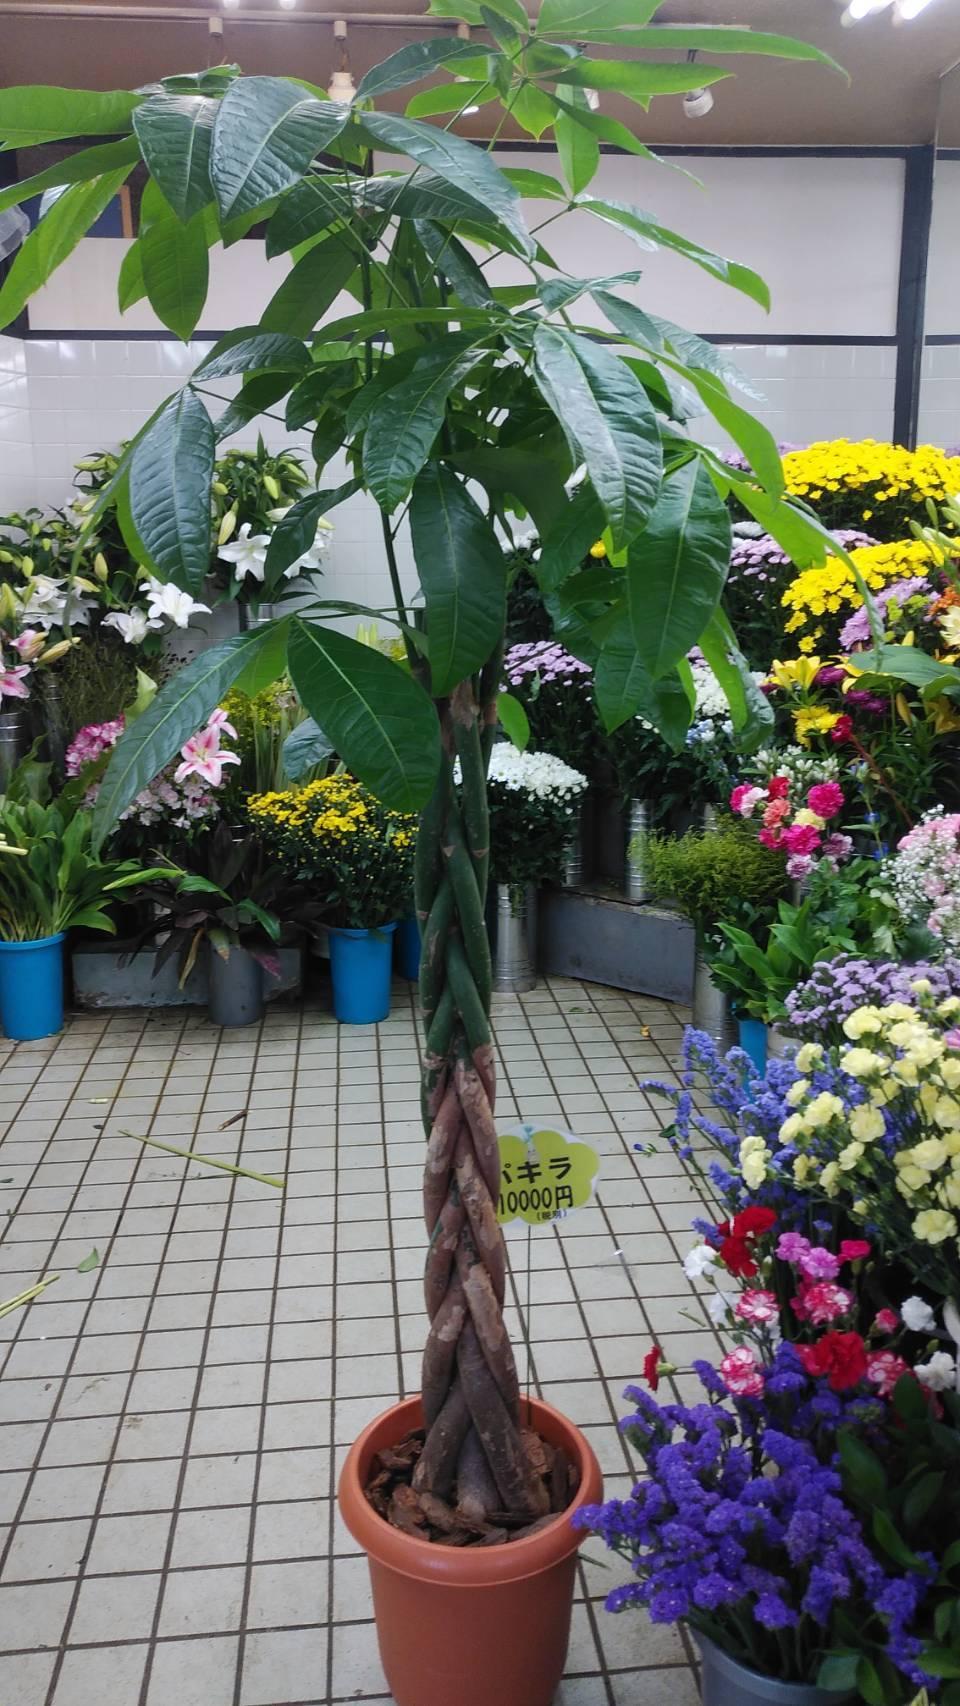 10000円の観葉植物